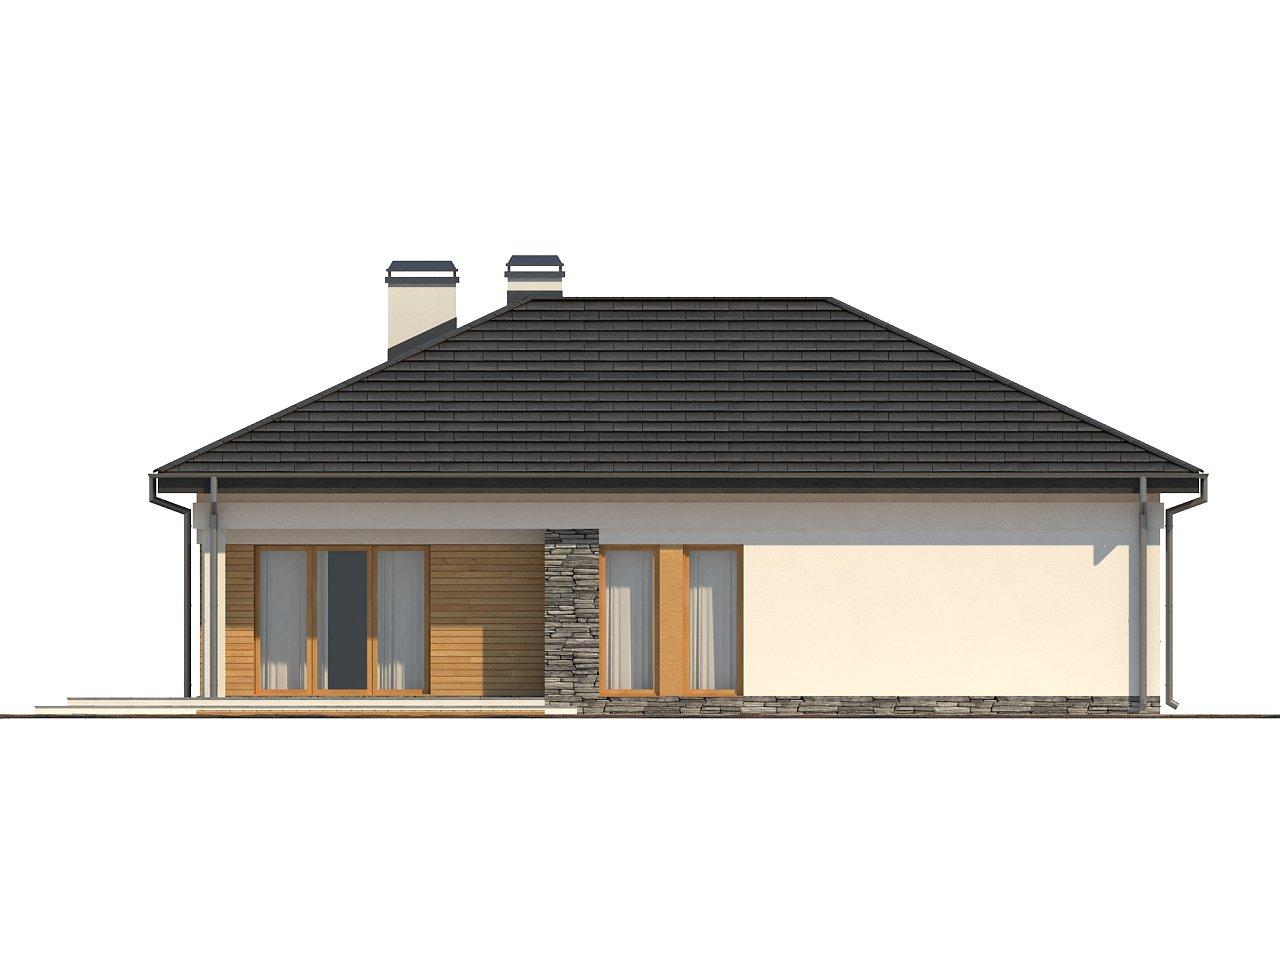 Проект функционального одноэтажного дома. Ночная зона во фронтальной части, кухня со стороны сада. 24